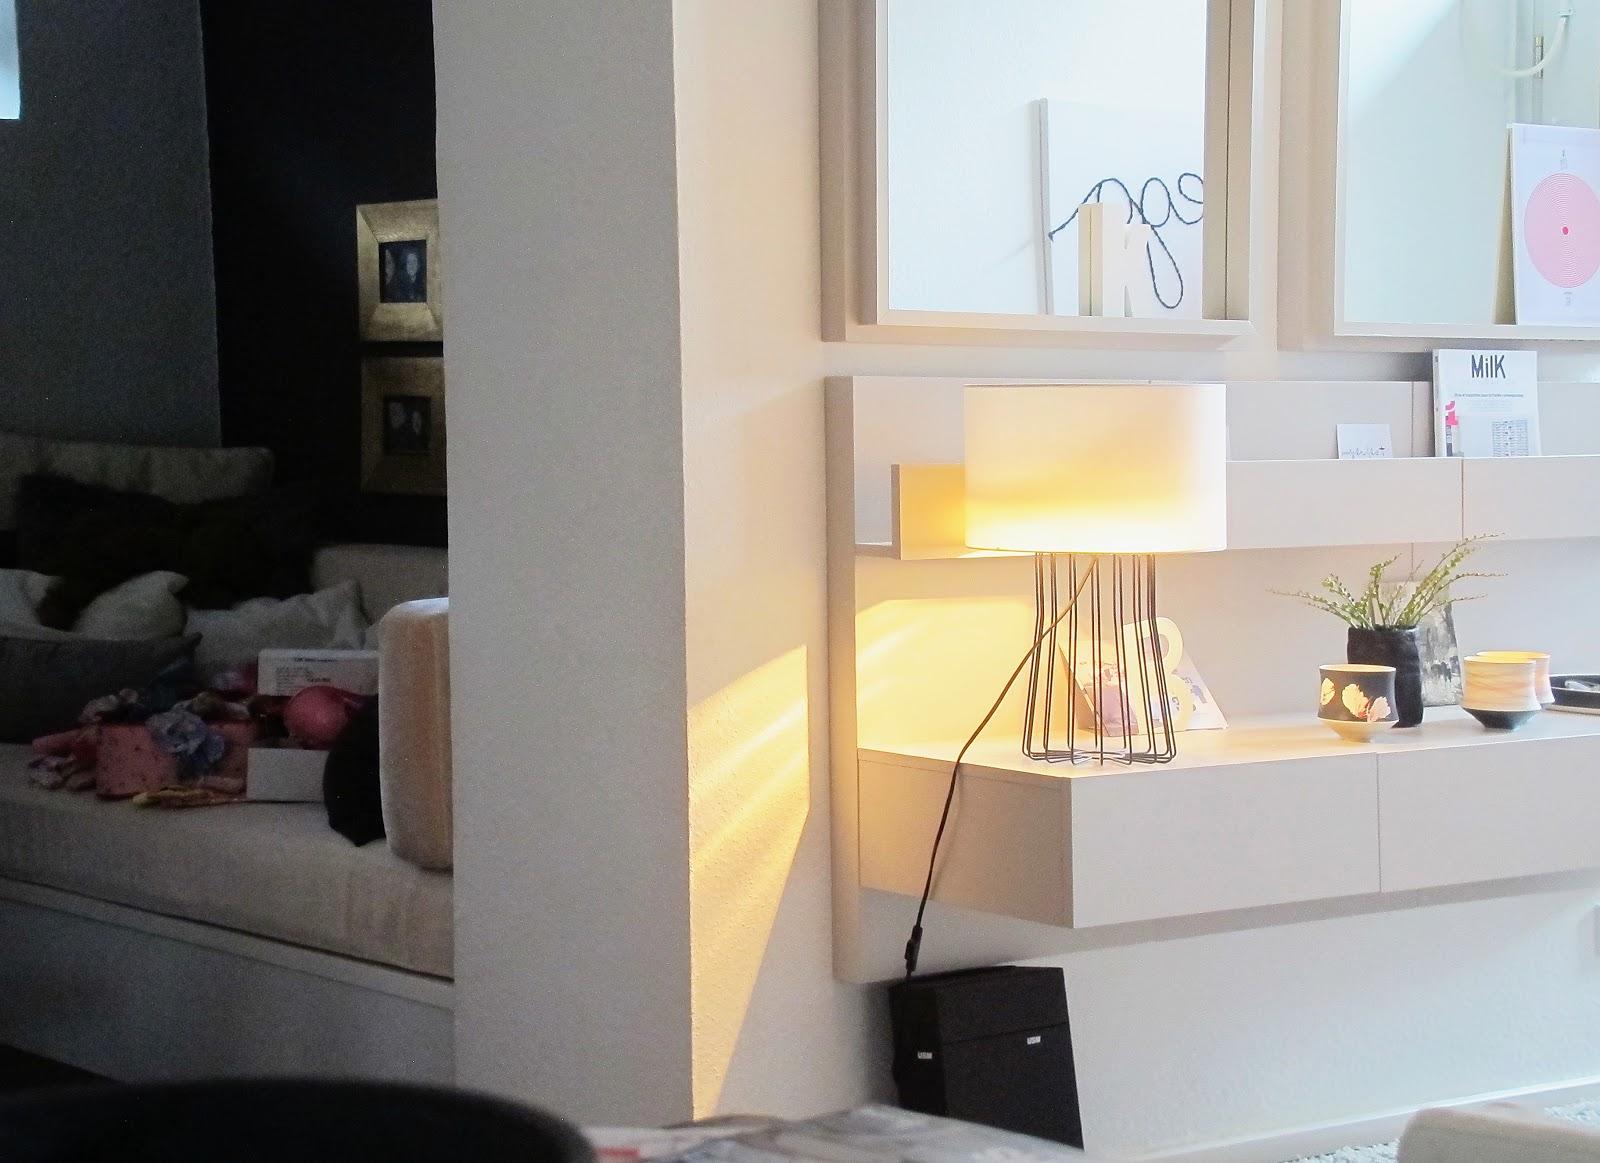 frida live pimp up ikea spiegel. Black Bedroom Furniture Sets. Home Design Ideas